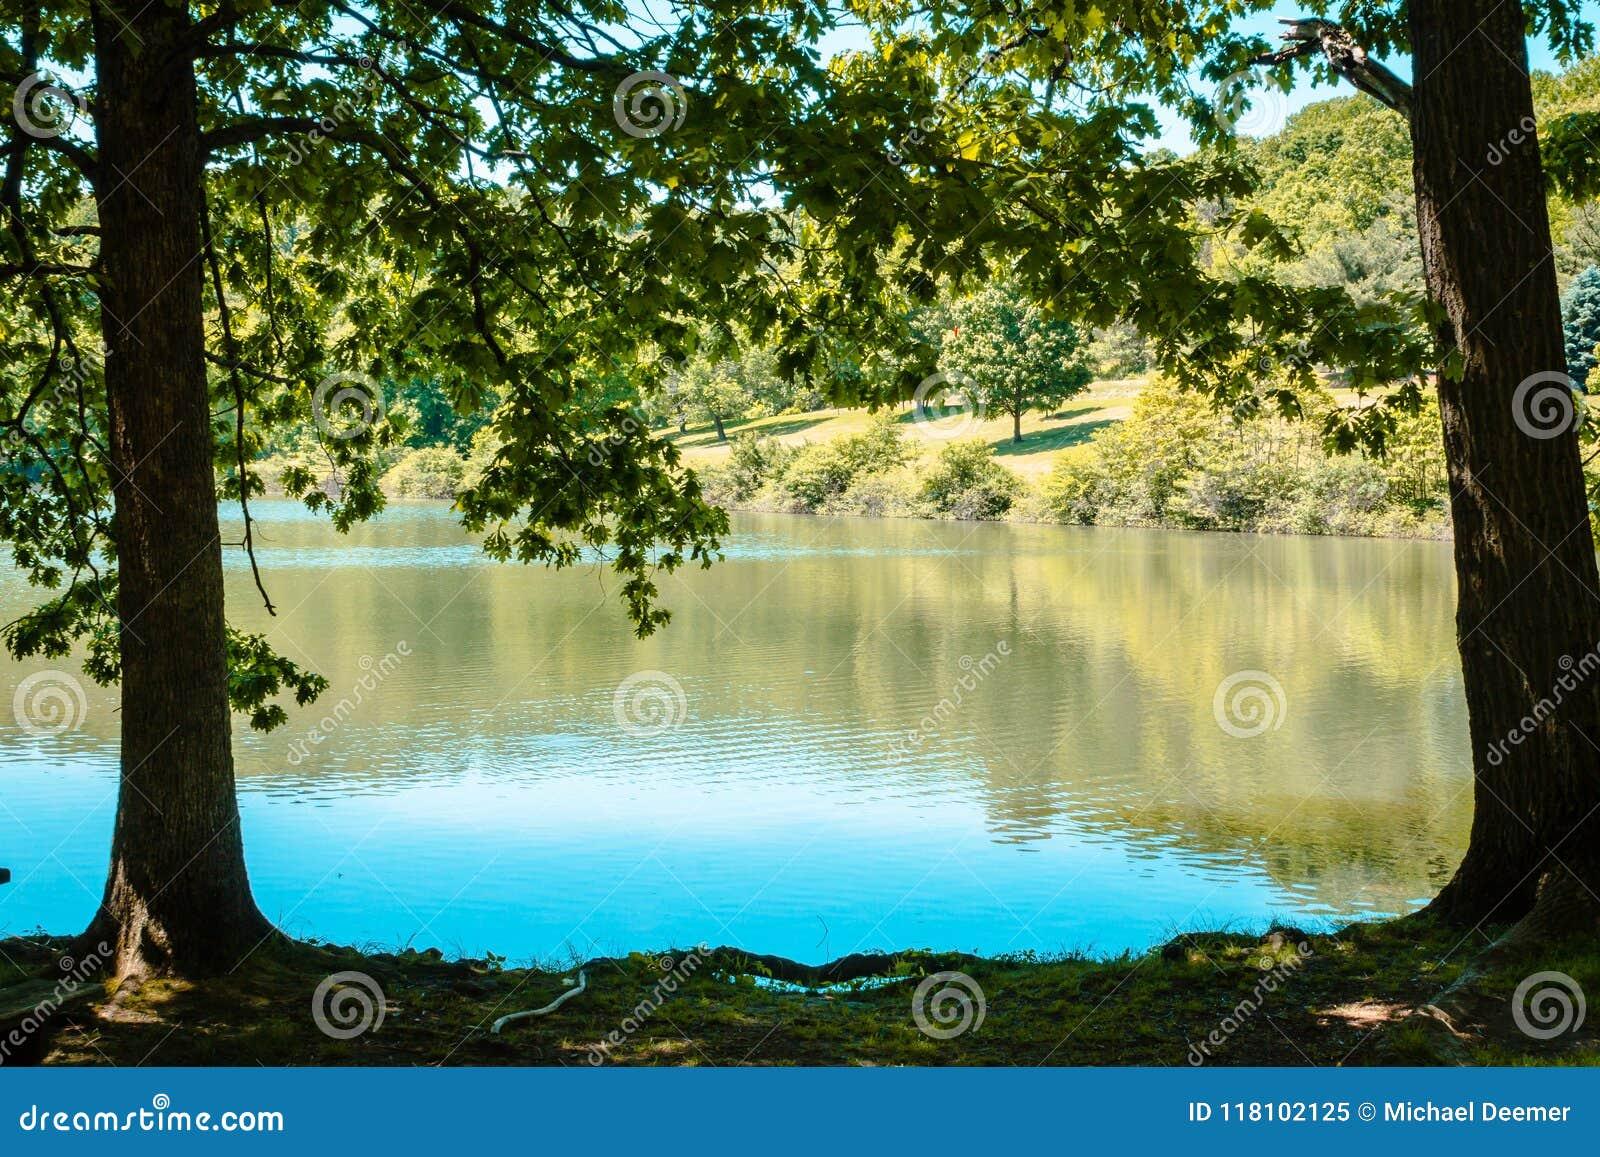 Bäume, die einen See an einem sonnigen Sommertag am Blautanne-Park gestalten